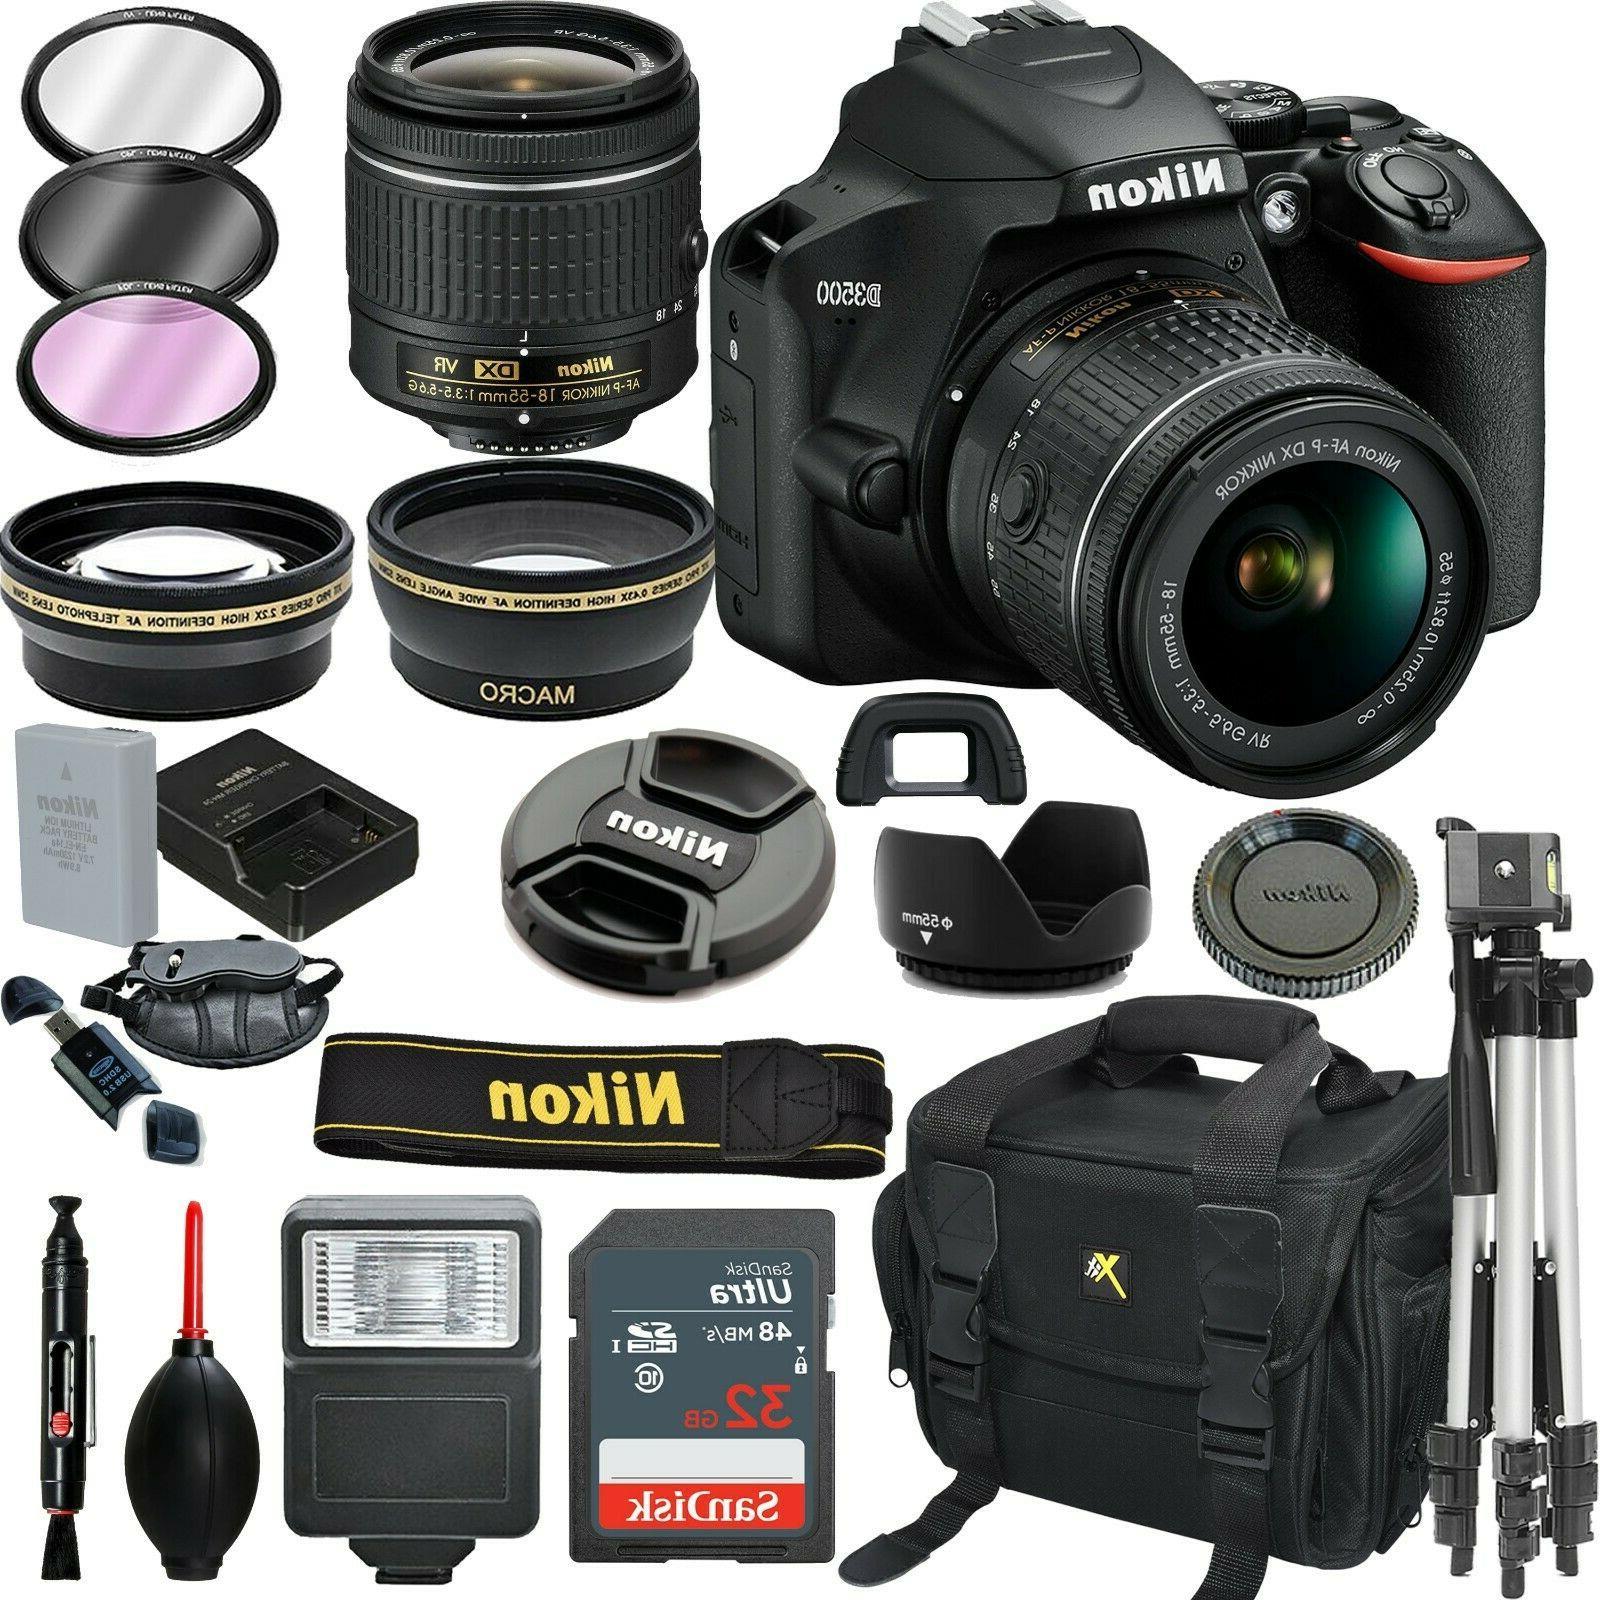 d3500 digital slr camera black 18 55mm